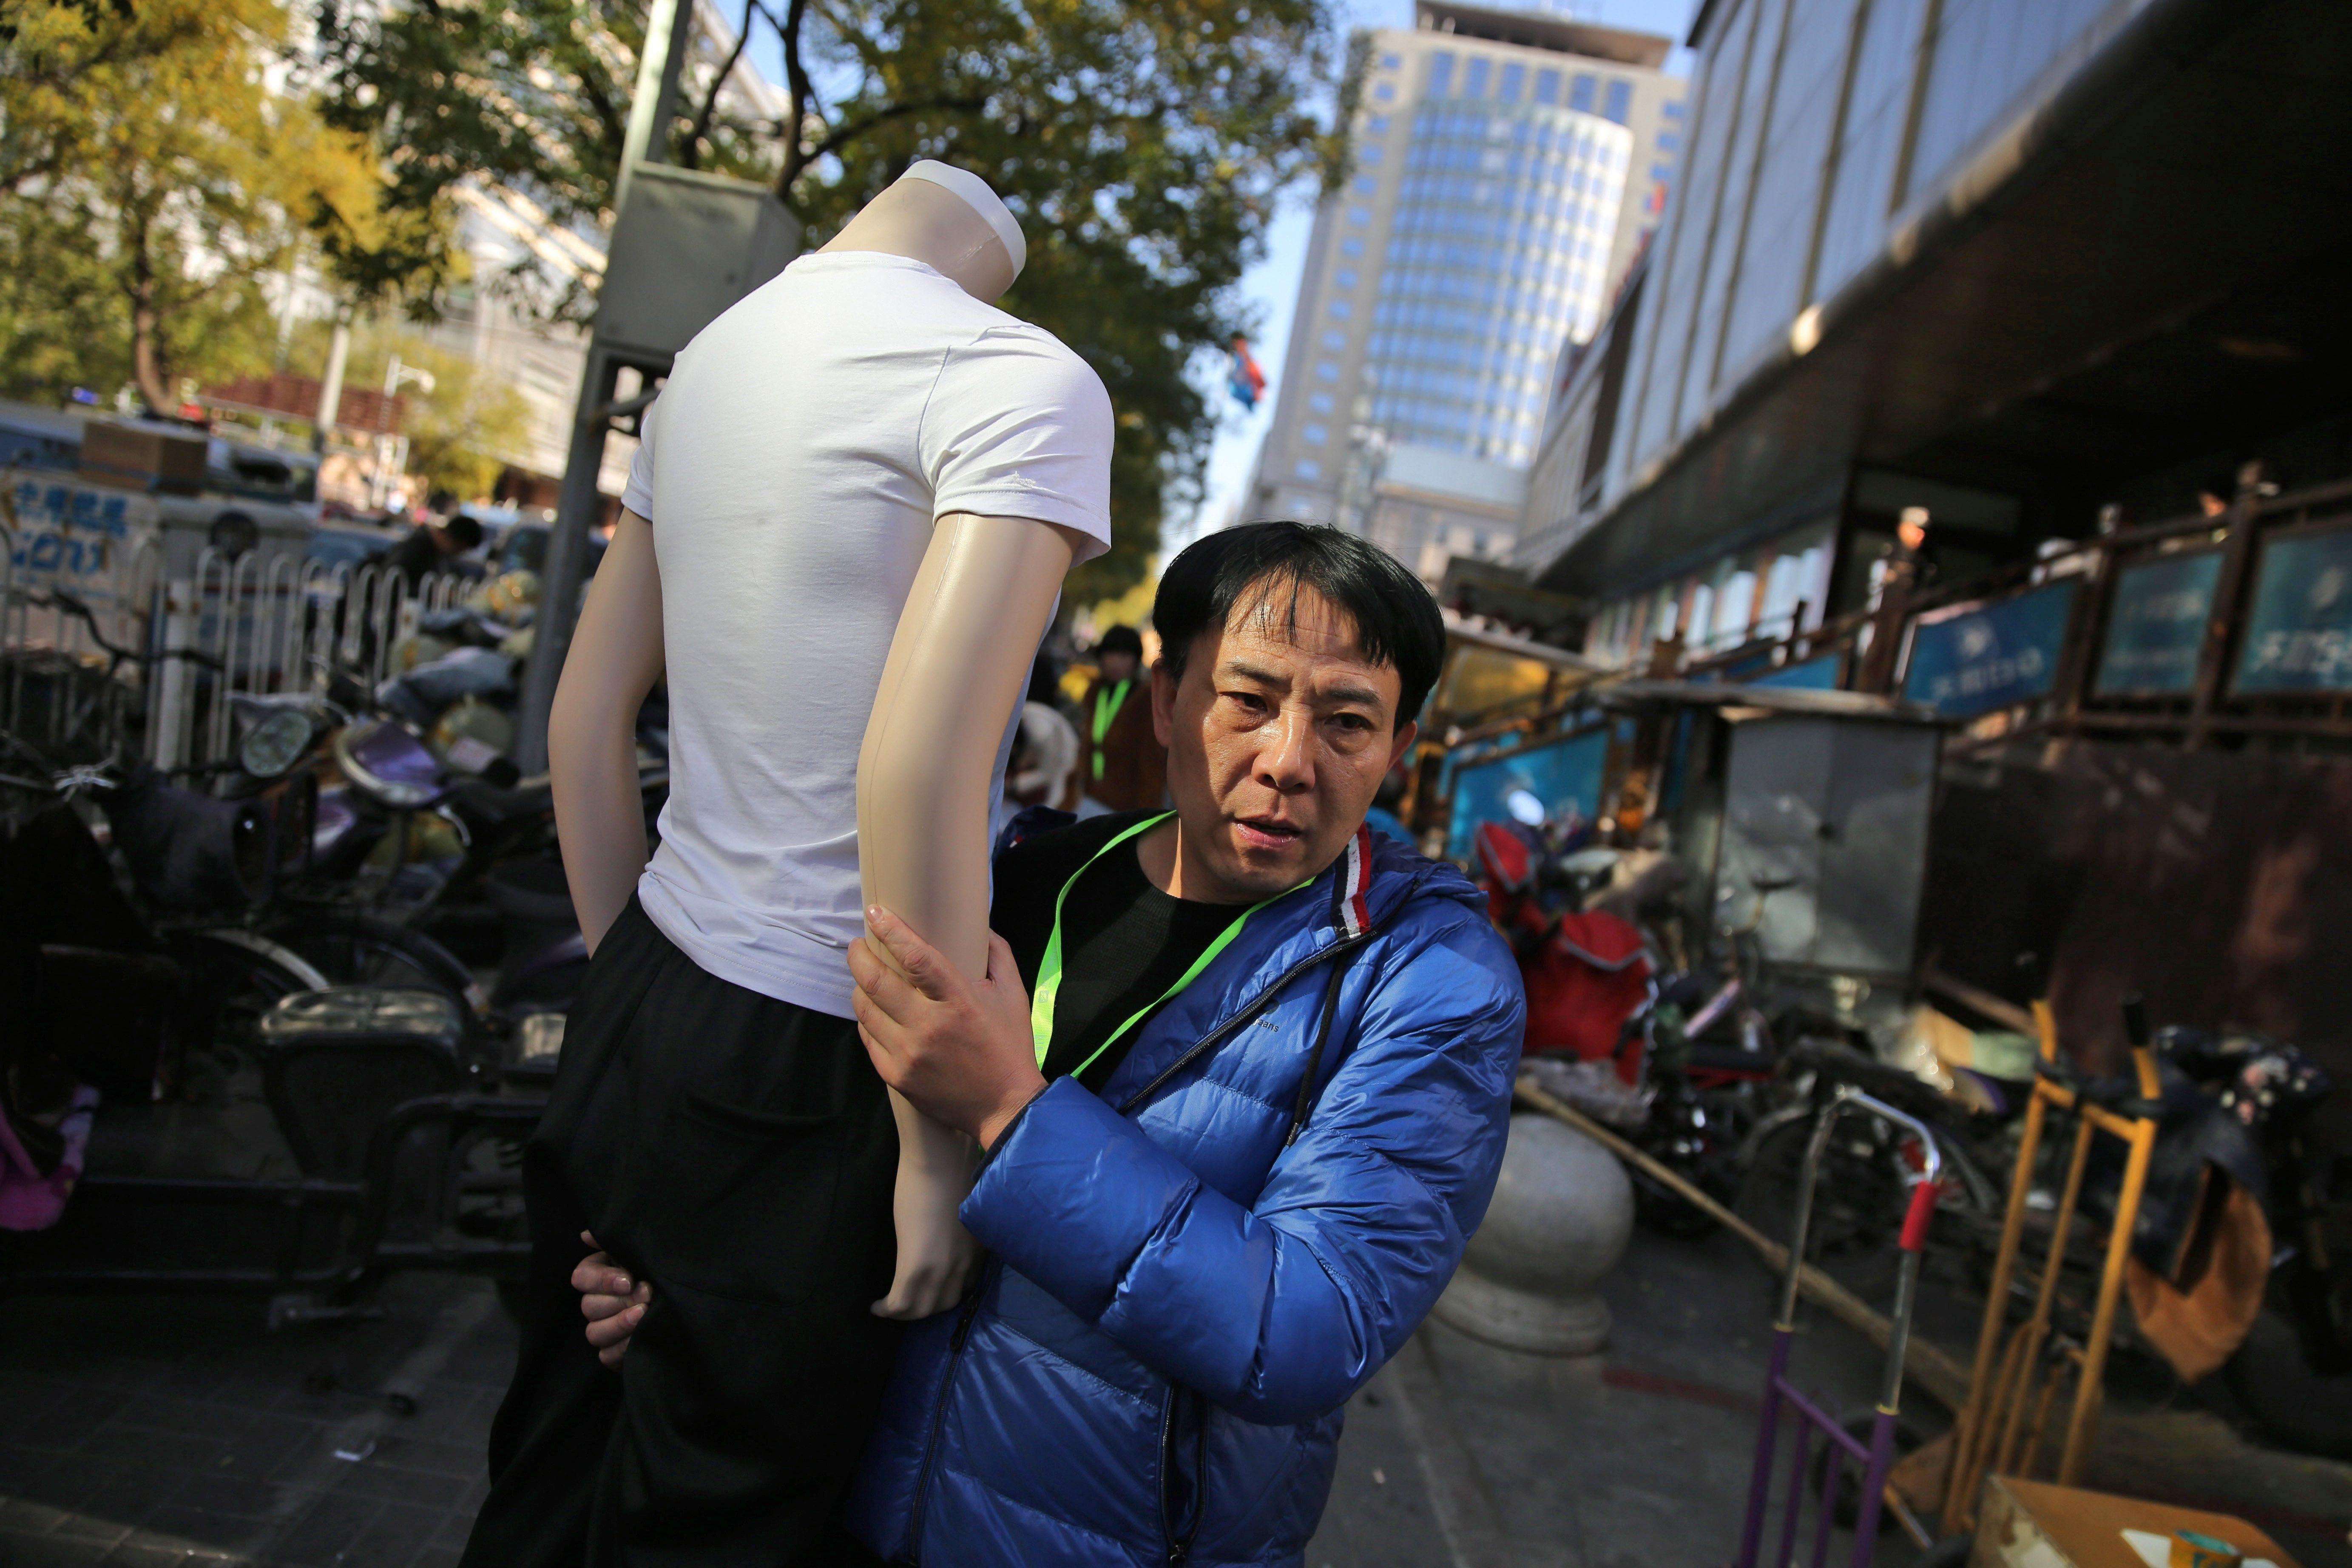 Un venedor xinès transporta la seva mercaderia davant un mercat de venda a l'engròs que roman tancat a causa de la nova política de planificació urbana de Pequín, Xina. /WU HONG